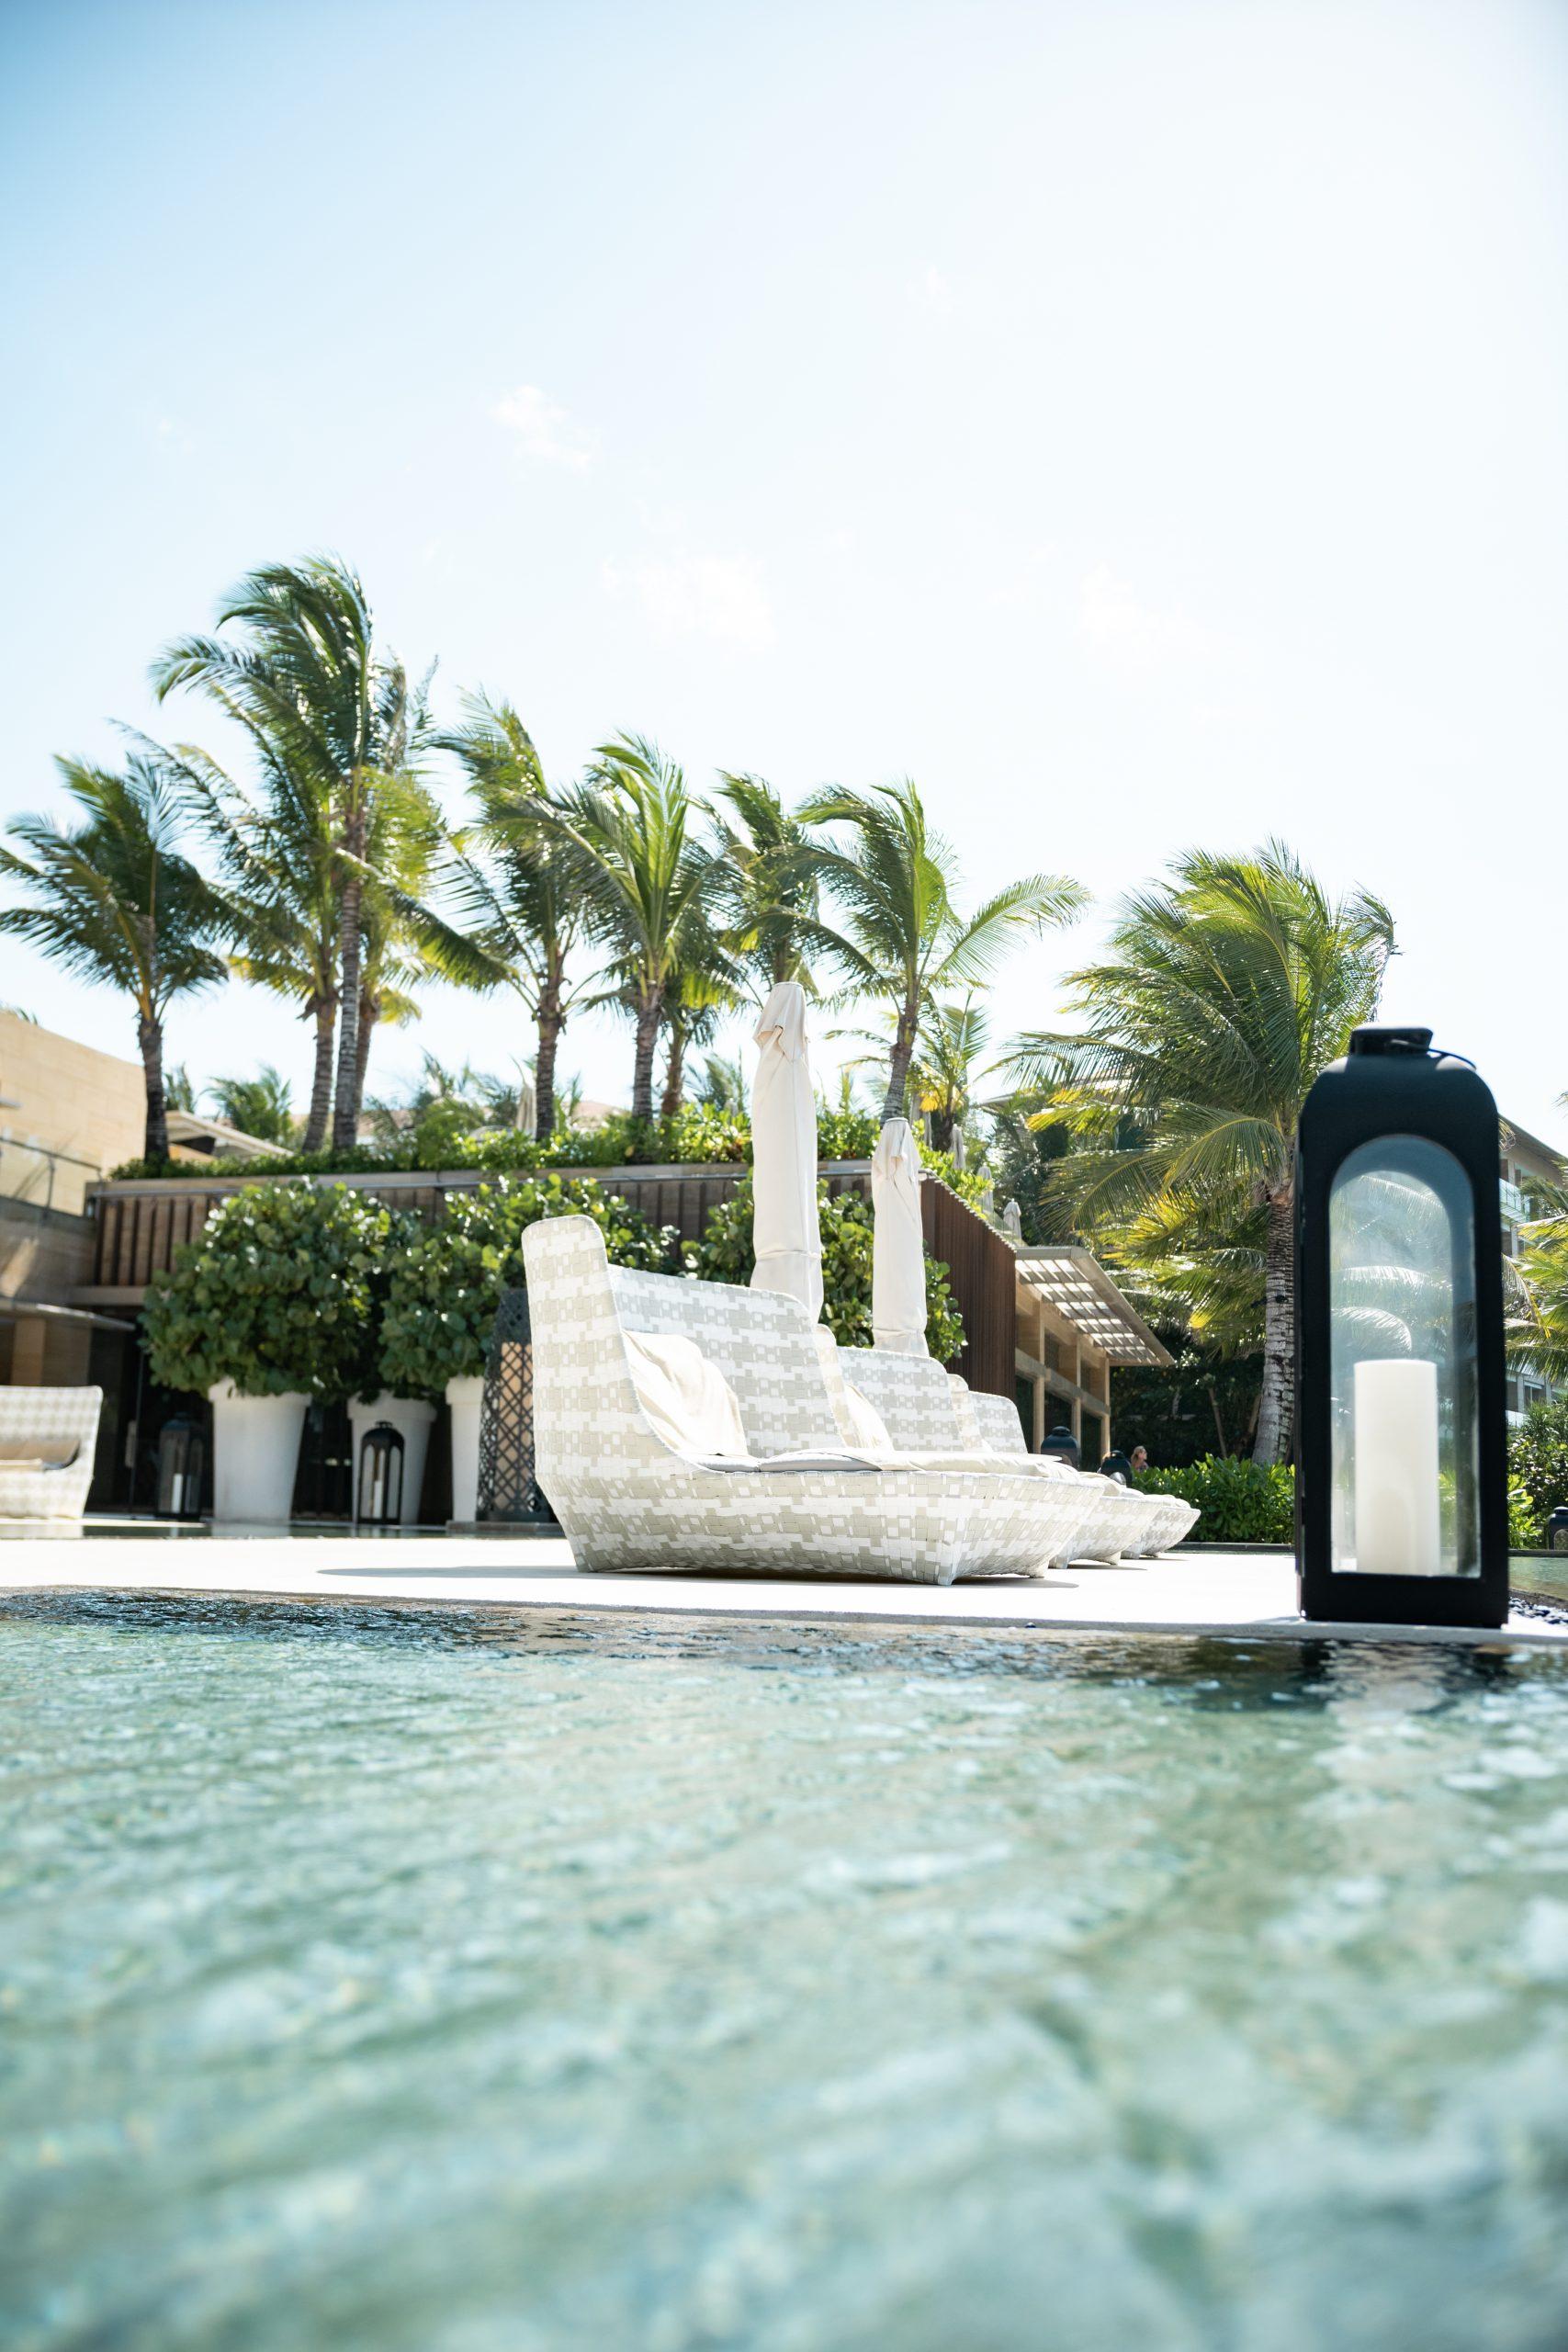 Pool in Bali